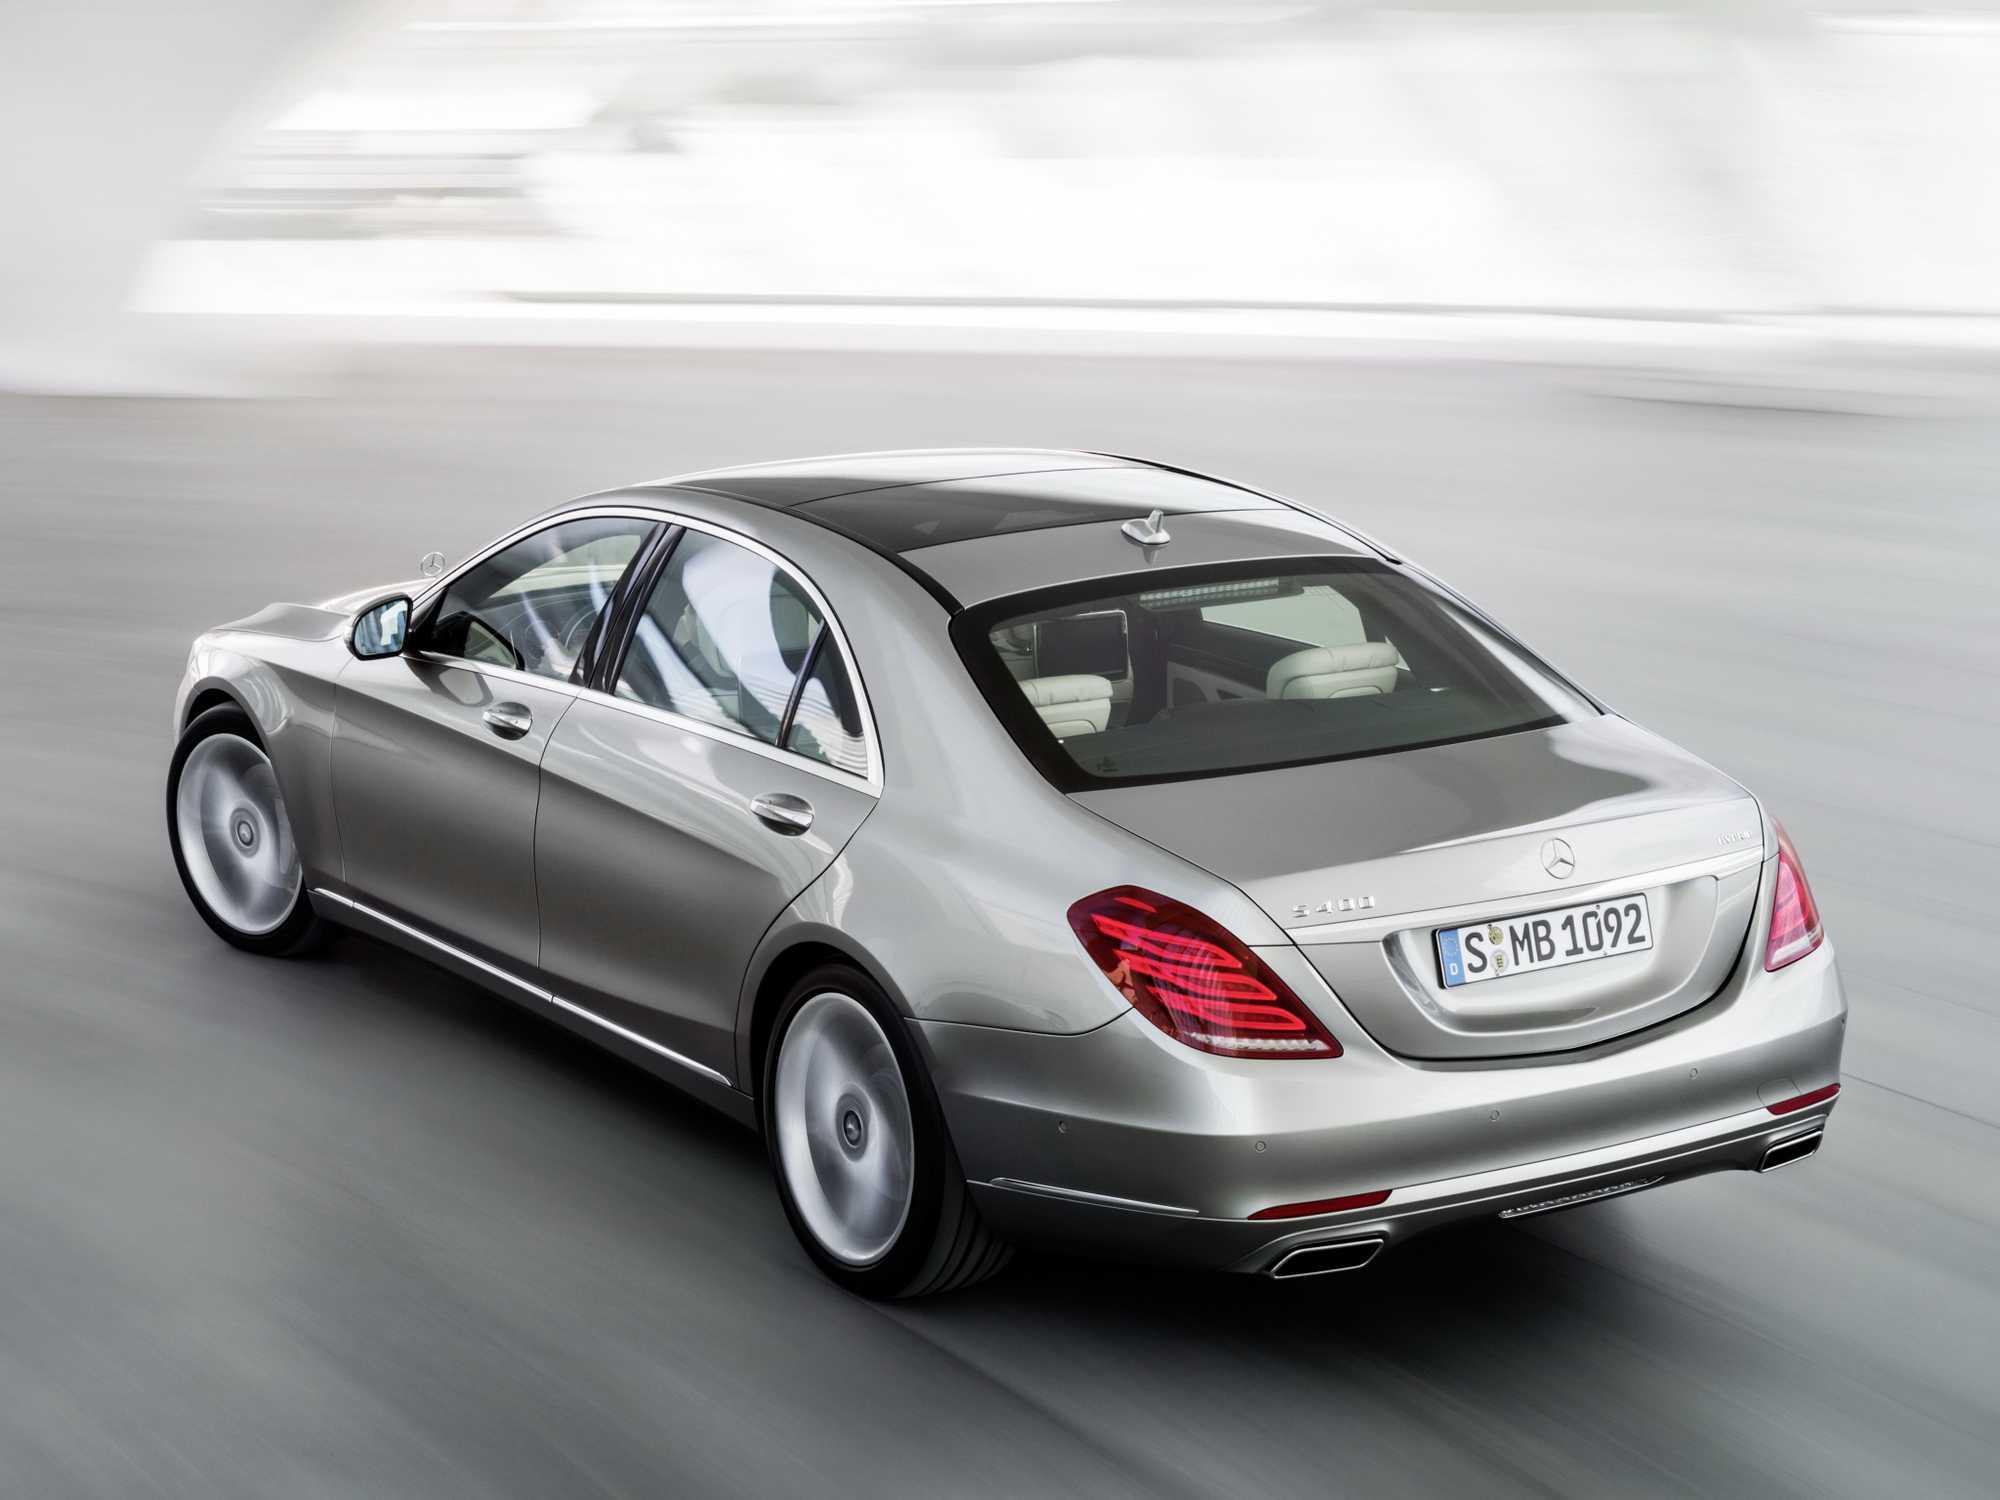 Smart roadster цена, технические характеристики, фото, видео тест-драйв